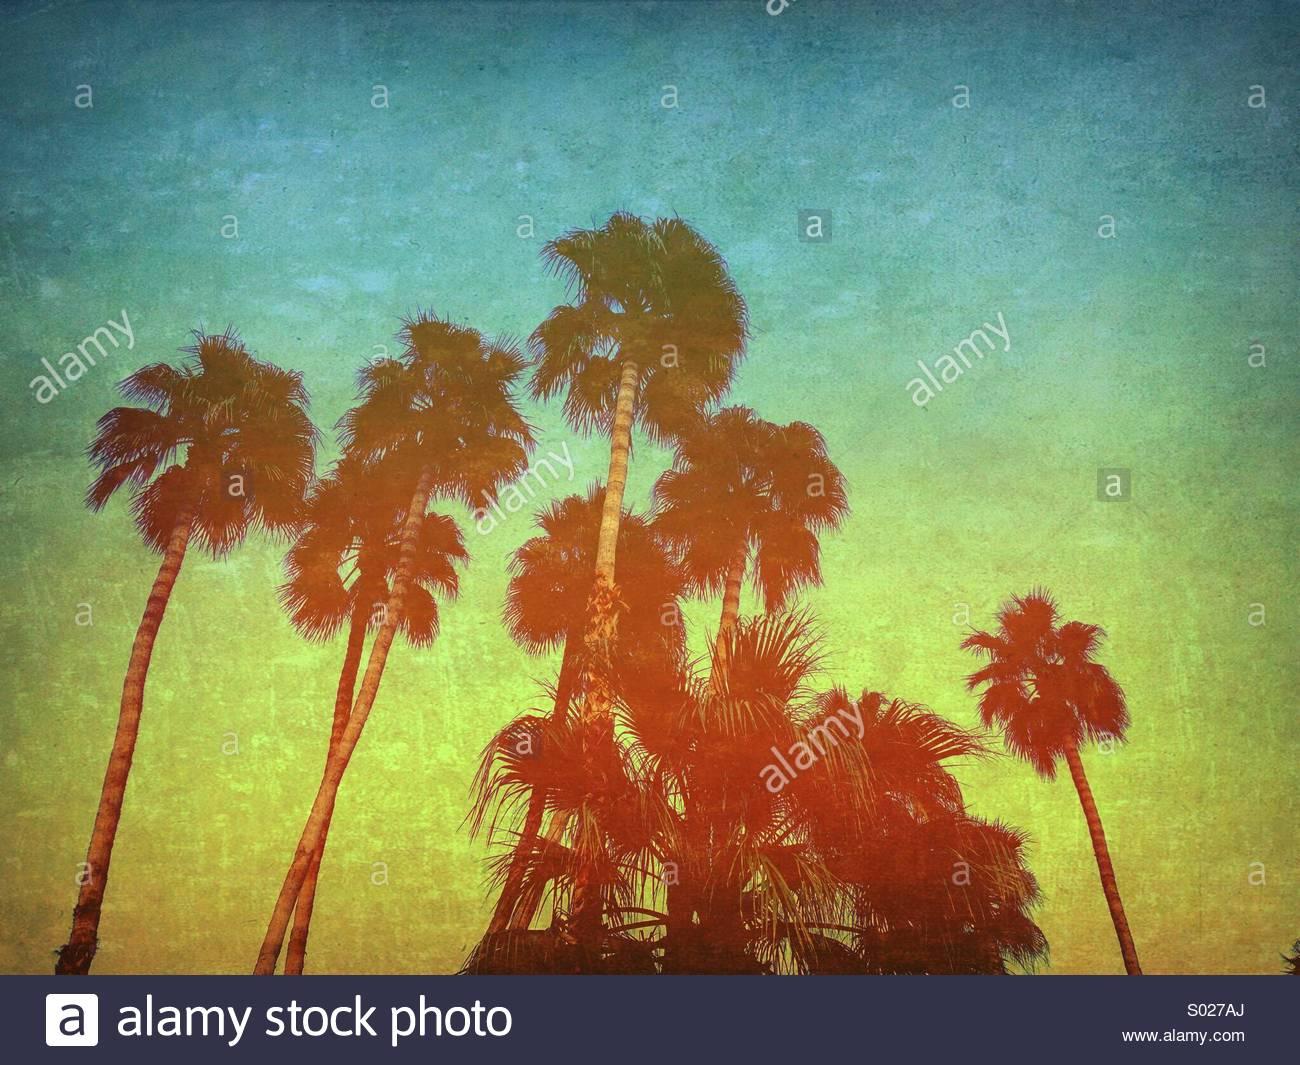 Fiery Palmen Nach ein staubsturm - Strukturierte künstlerische Foto Effekt. Technicolor. Stockbild